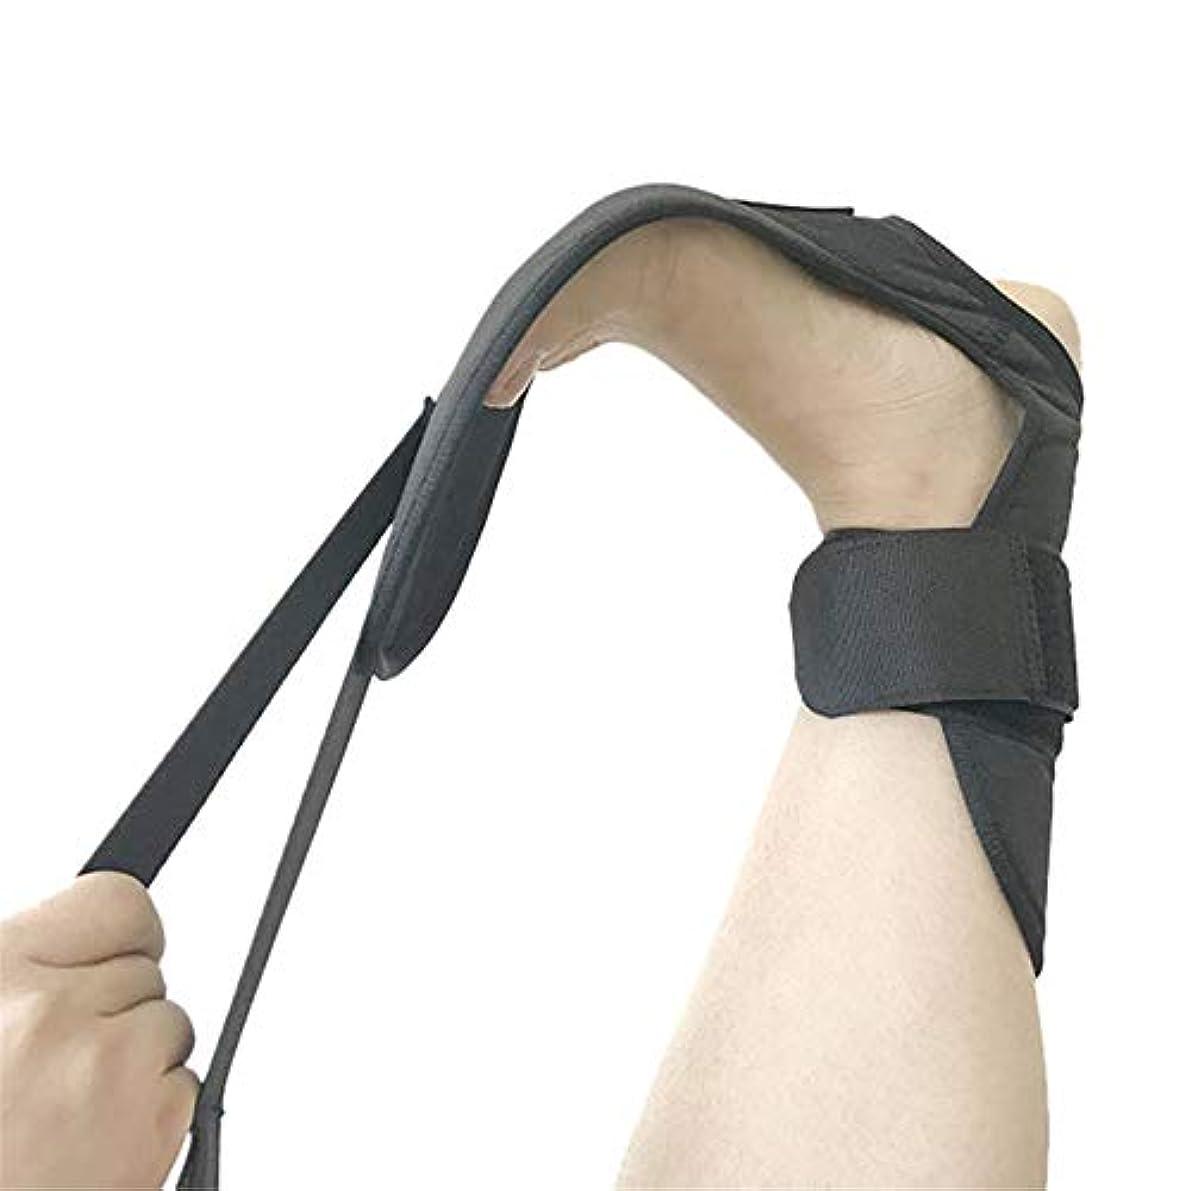 同行おびえたマージンヨガ靭帯、ストレッチベルト、足リハビリストラップ足底筋膜炎脚トレーニング足足首関節矯正ブレース